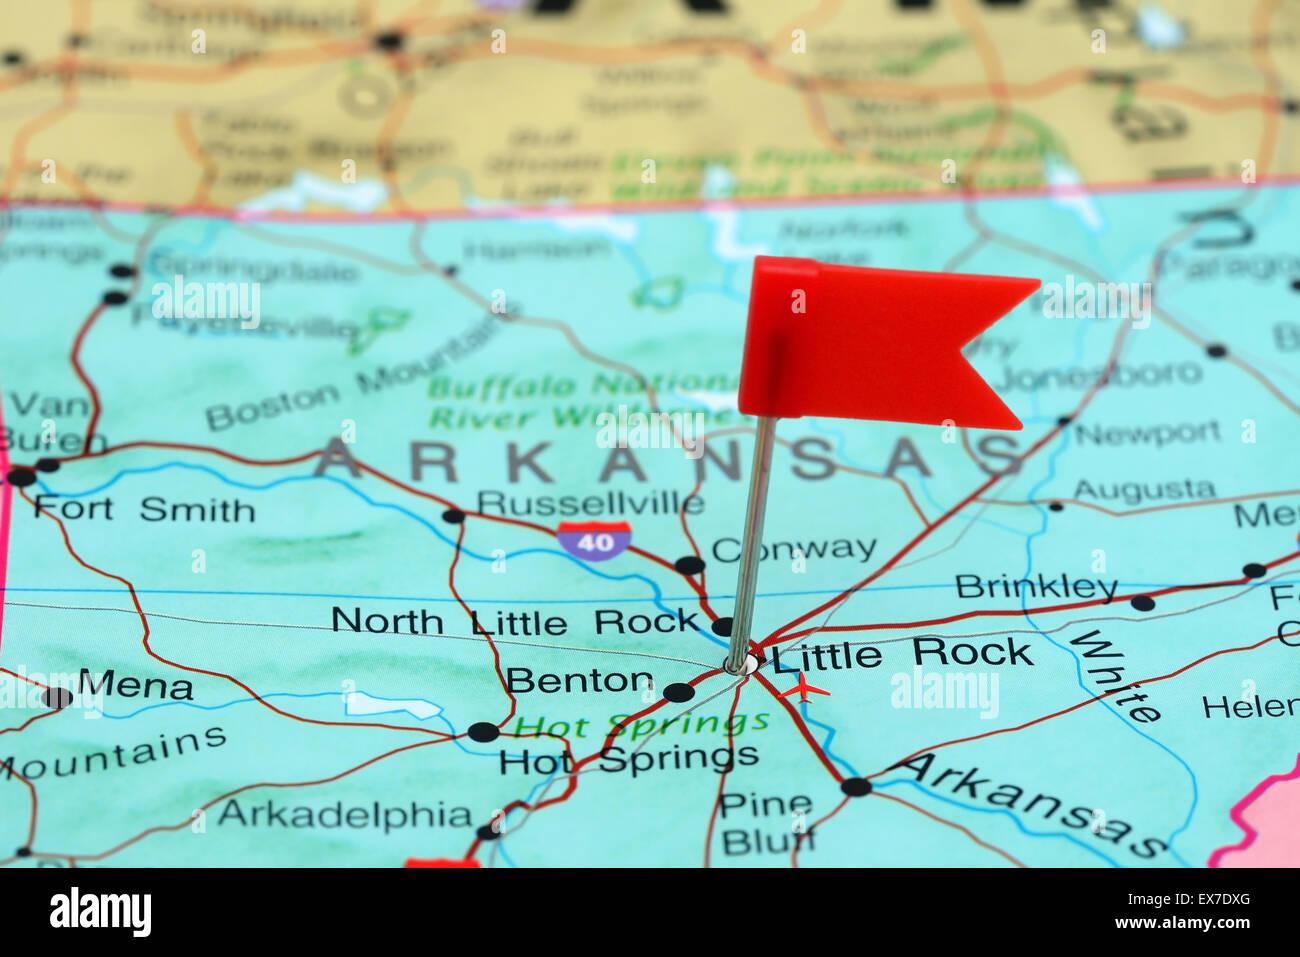 Little Rock Pinned On Map Stockfotos & Little Rock Pinned On ...